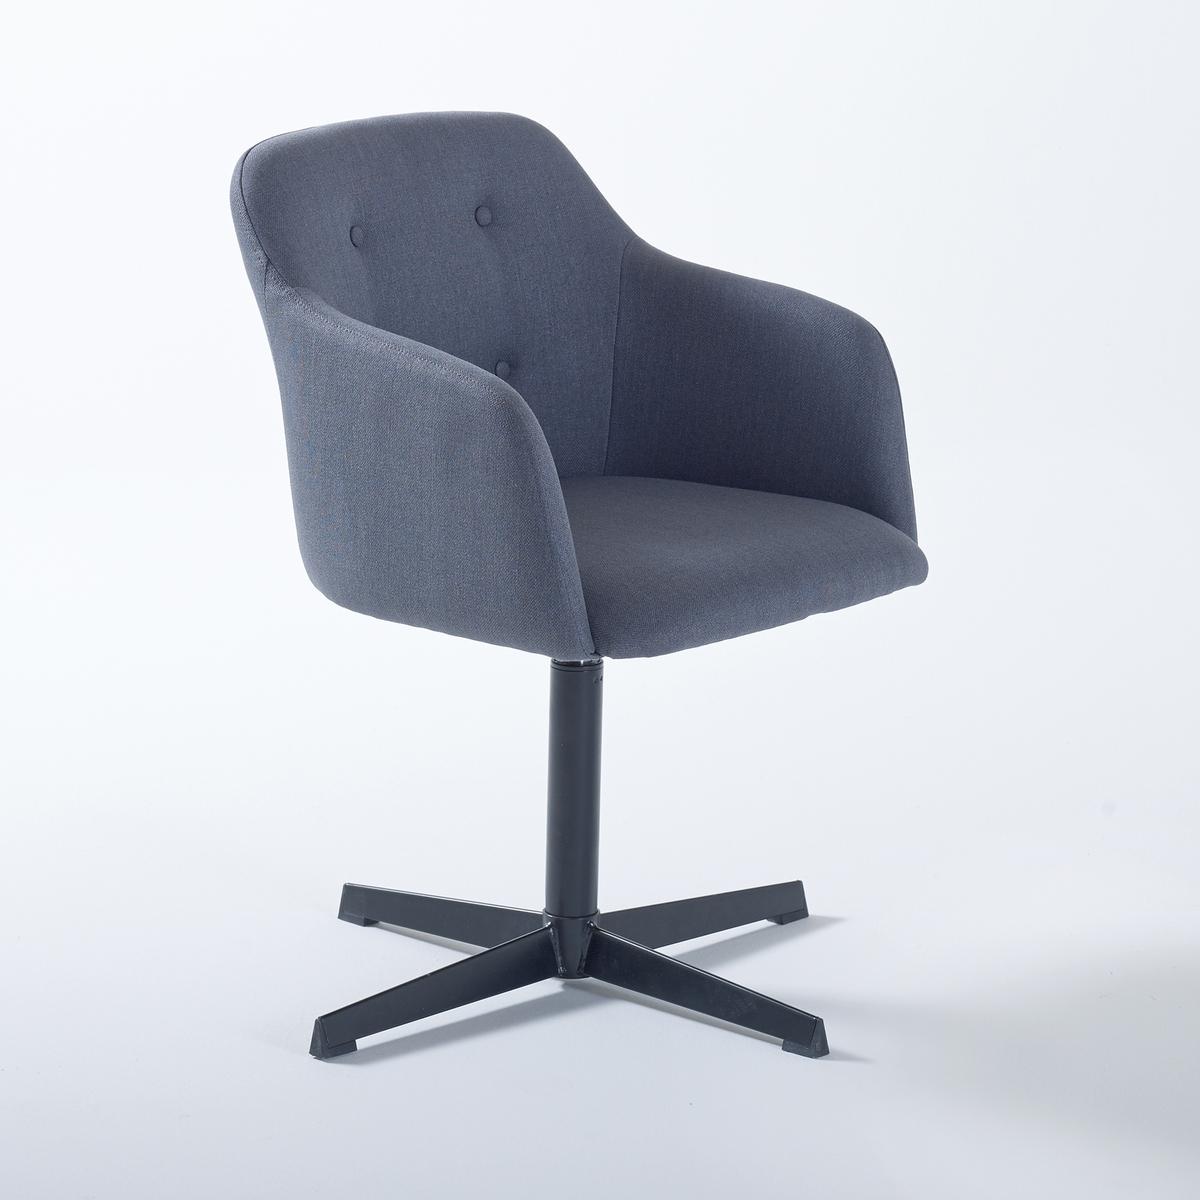 Кресло офисное поворотное NumaХарактеристики кресла офисного Numa :Сидение поворотное, не регулируется по высоте .Сиденье и спинка из 100% полиэстера.Прокладка пористая из полиуретана.Ножки с перекрестием из стали с эпоксидным покрытием чёрного цвета.Все стулья и кресла офисные Вы найдёте на сайте laredoute.ruРазмеры кресла офисного Numa :ОбщиеШирина : 64,5 смВысота : 79 смГлубина : 67,5 см.Сиденье : длина 41 x высота 45 x глубина 43,5 смНожки : В.32 смОснование : ?64,5 смРазмеры и вес упаковки :1 упаковкаДлина 62 x высота 53,5 x глубина 58,5 см11 кг.Доставка :Ваше кресло офисное поворотное Numa продаётся в сборе. Возможна доставка до квартиры !Внимание   ! Убедитесь, что товар возможно доставить на дом, учитывая его габариты (проходит в двери, по лестницам, в лифты).<br><br>Цвет: темно-серый